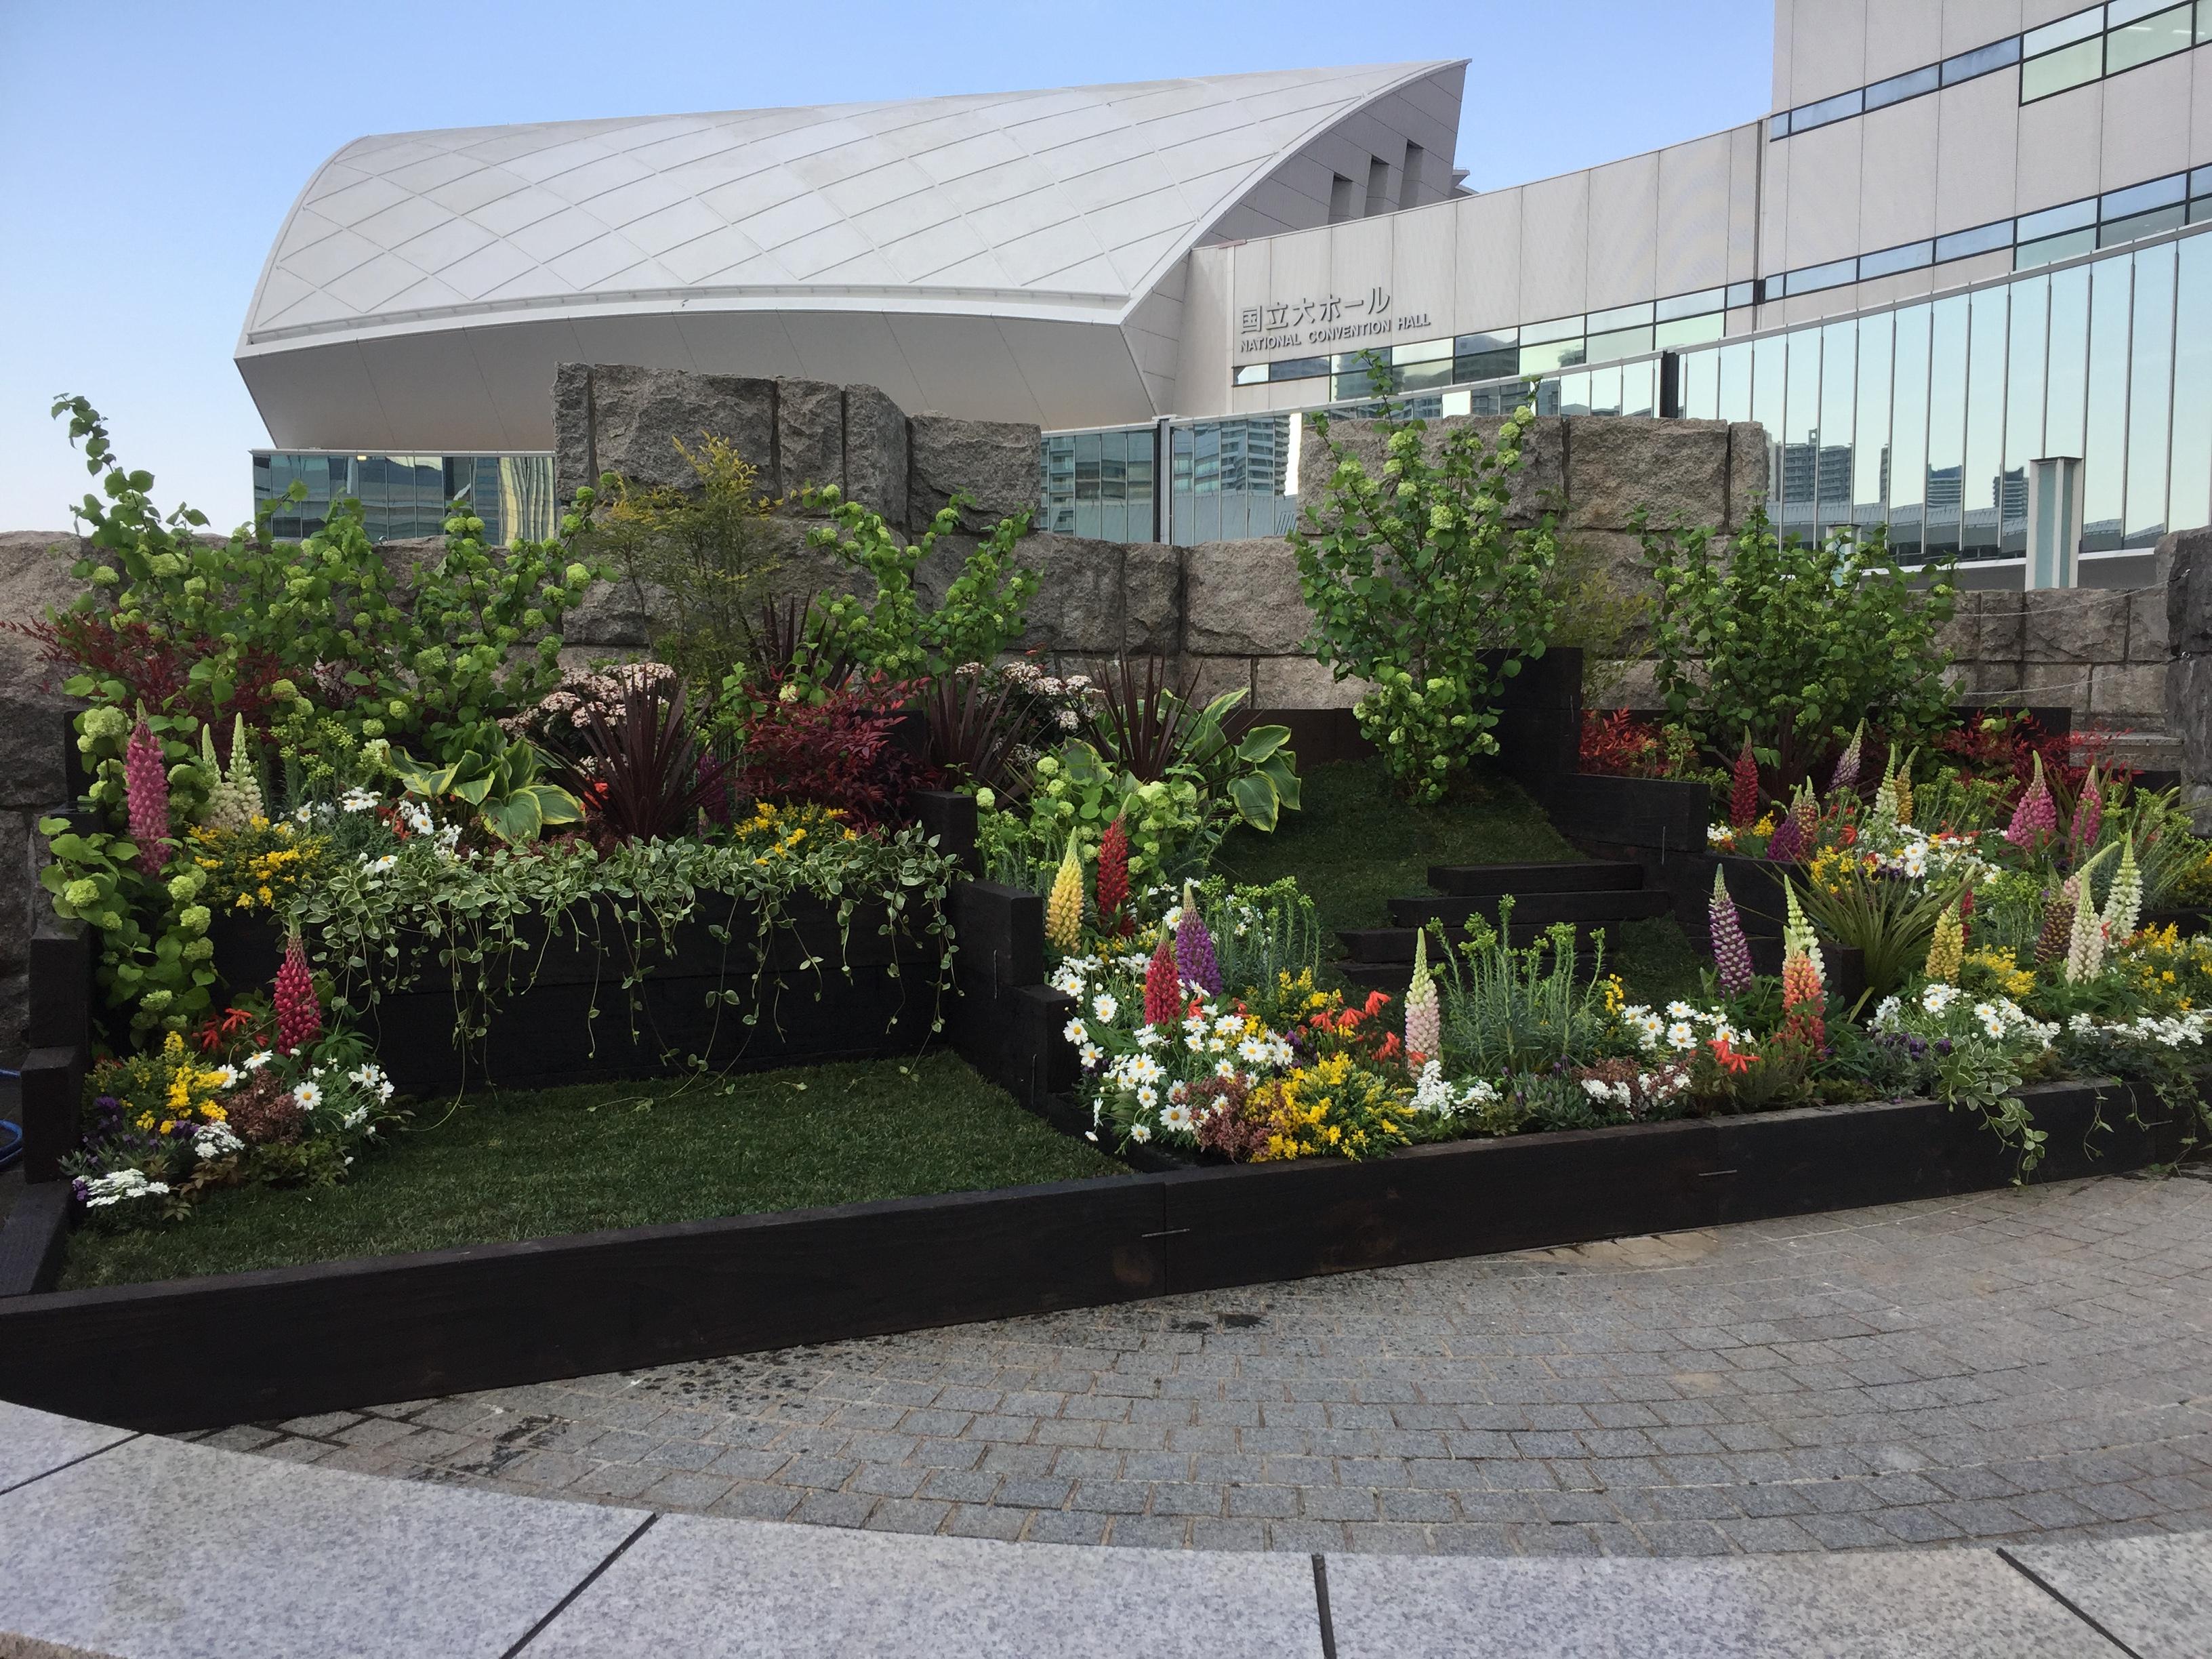 第33回全国都市緑化よこはまフェア「パシフィコ国際会議場花壇」